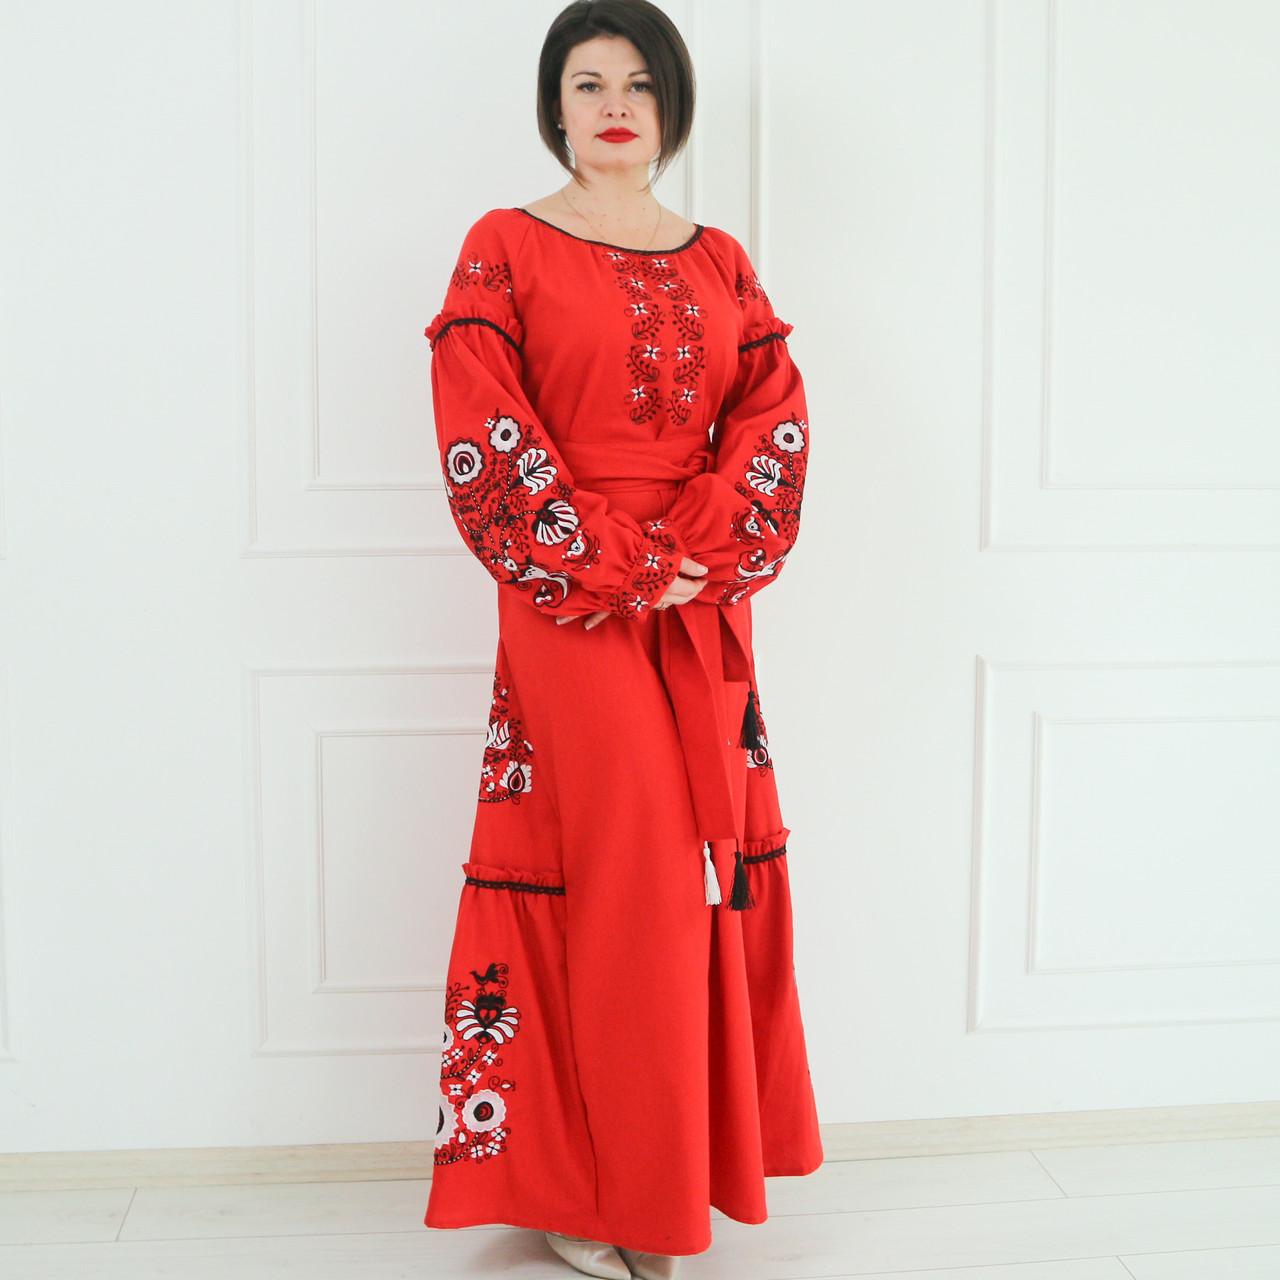 """Жіноче вишите плаття """"Гарді"""" (Женское вышитое платье """"Гарди"""") PJ-0032"""